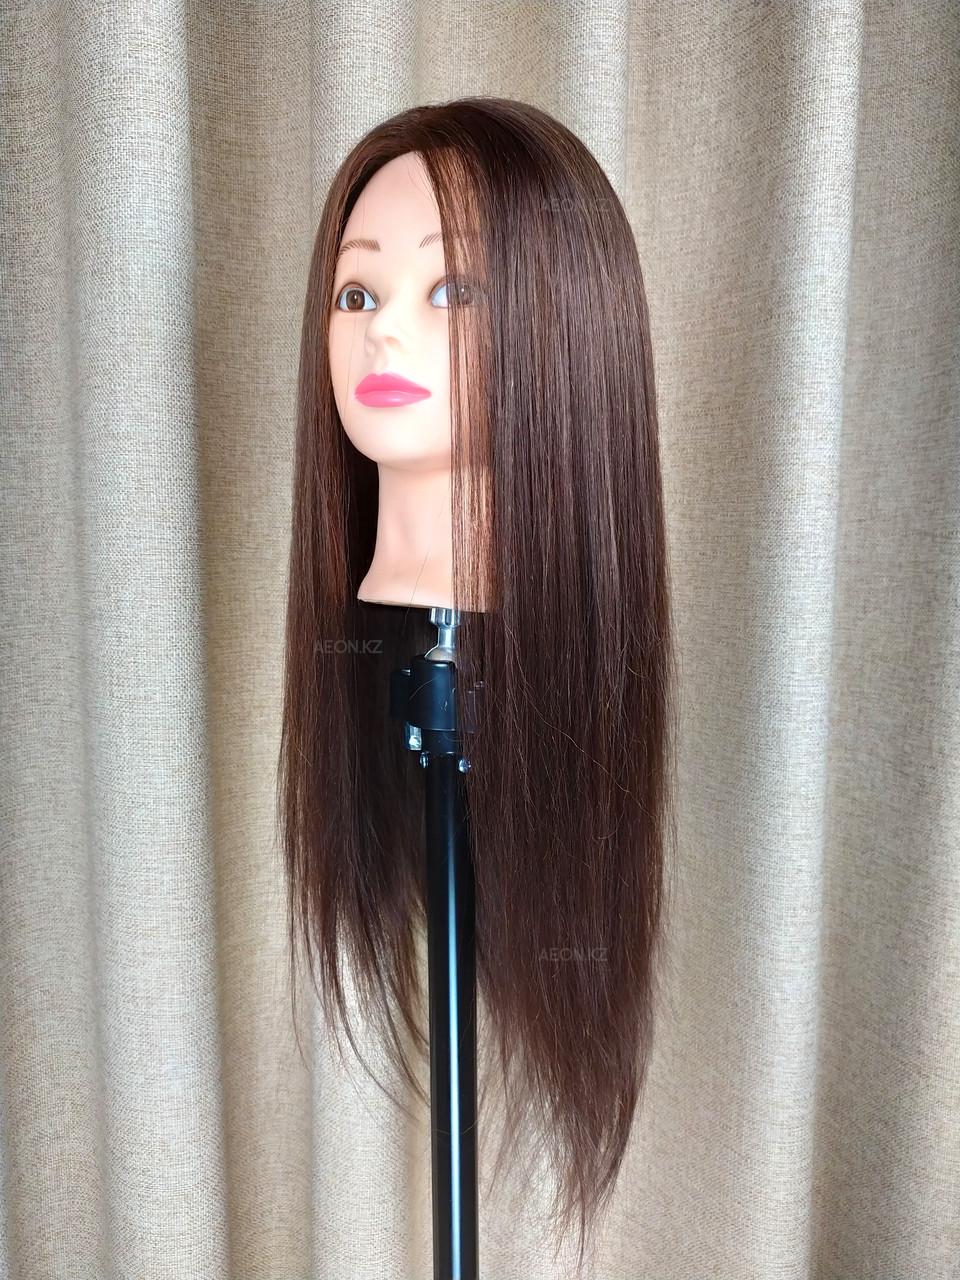 Голова-манекен каштан волос натуральный (60%) - 60 см